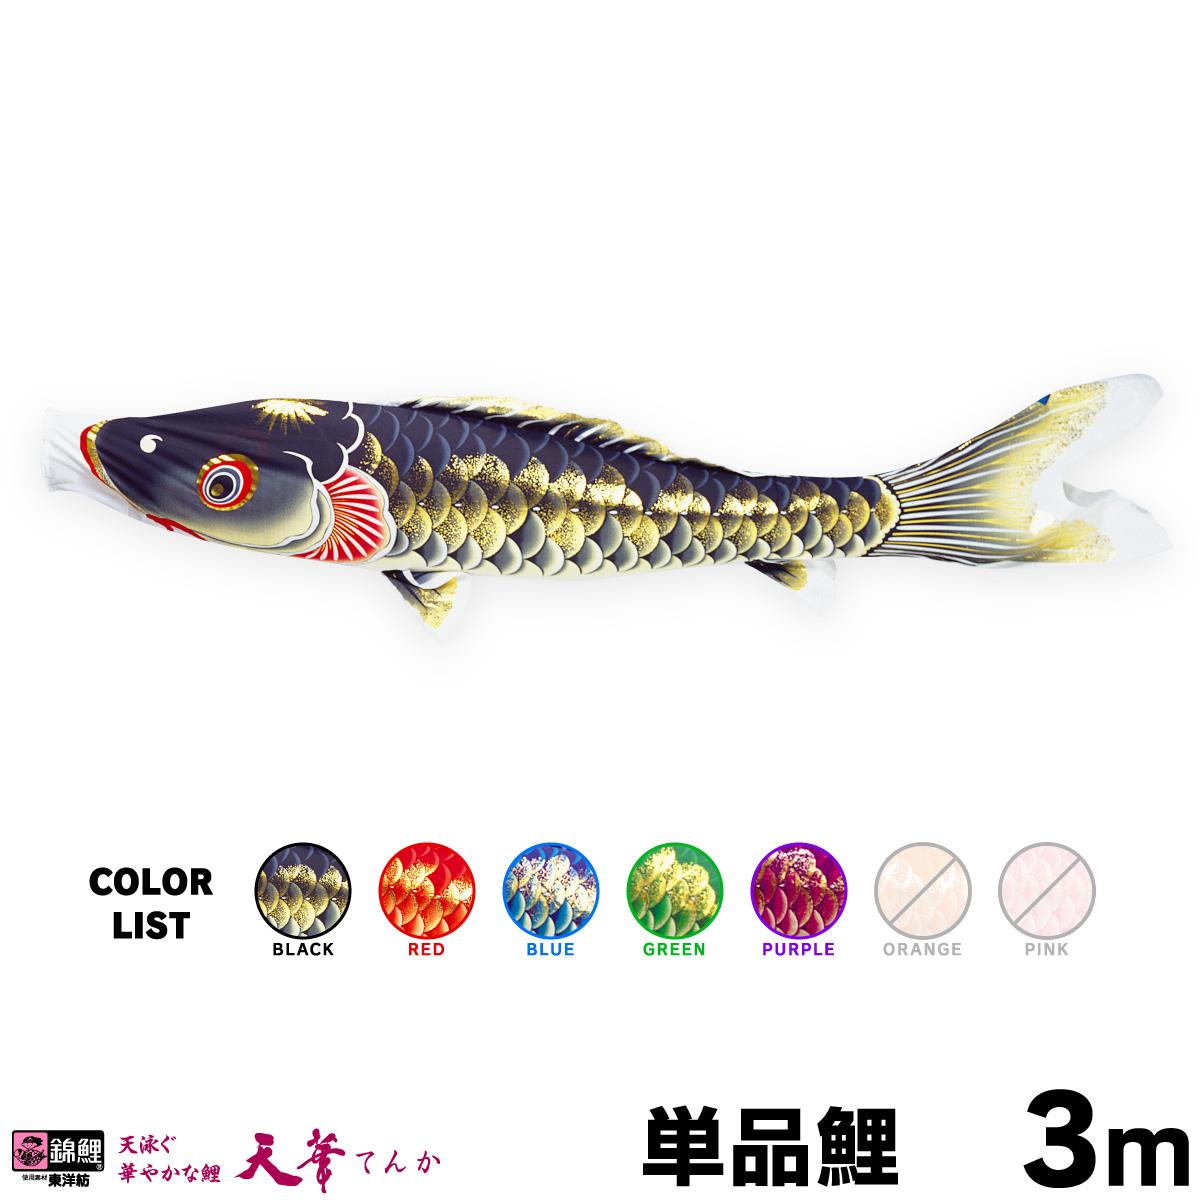 信用 こいのぼり 高価値 鯉のぼり 子鯉 単品の鯉のぼり販売 単品鯉 天華鯉 単品 3m